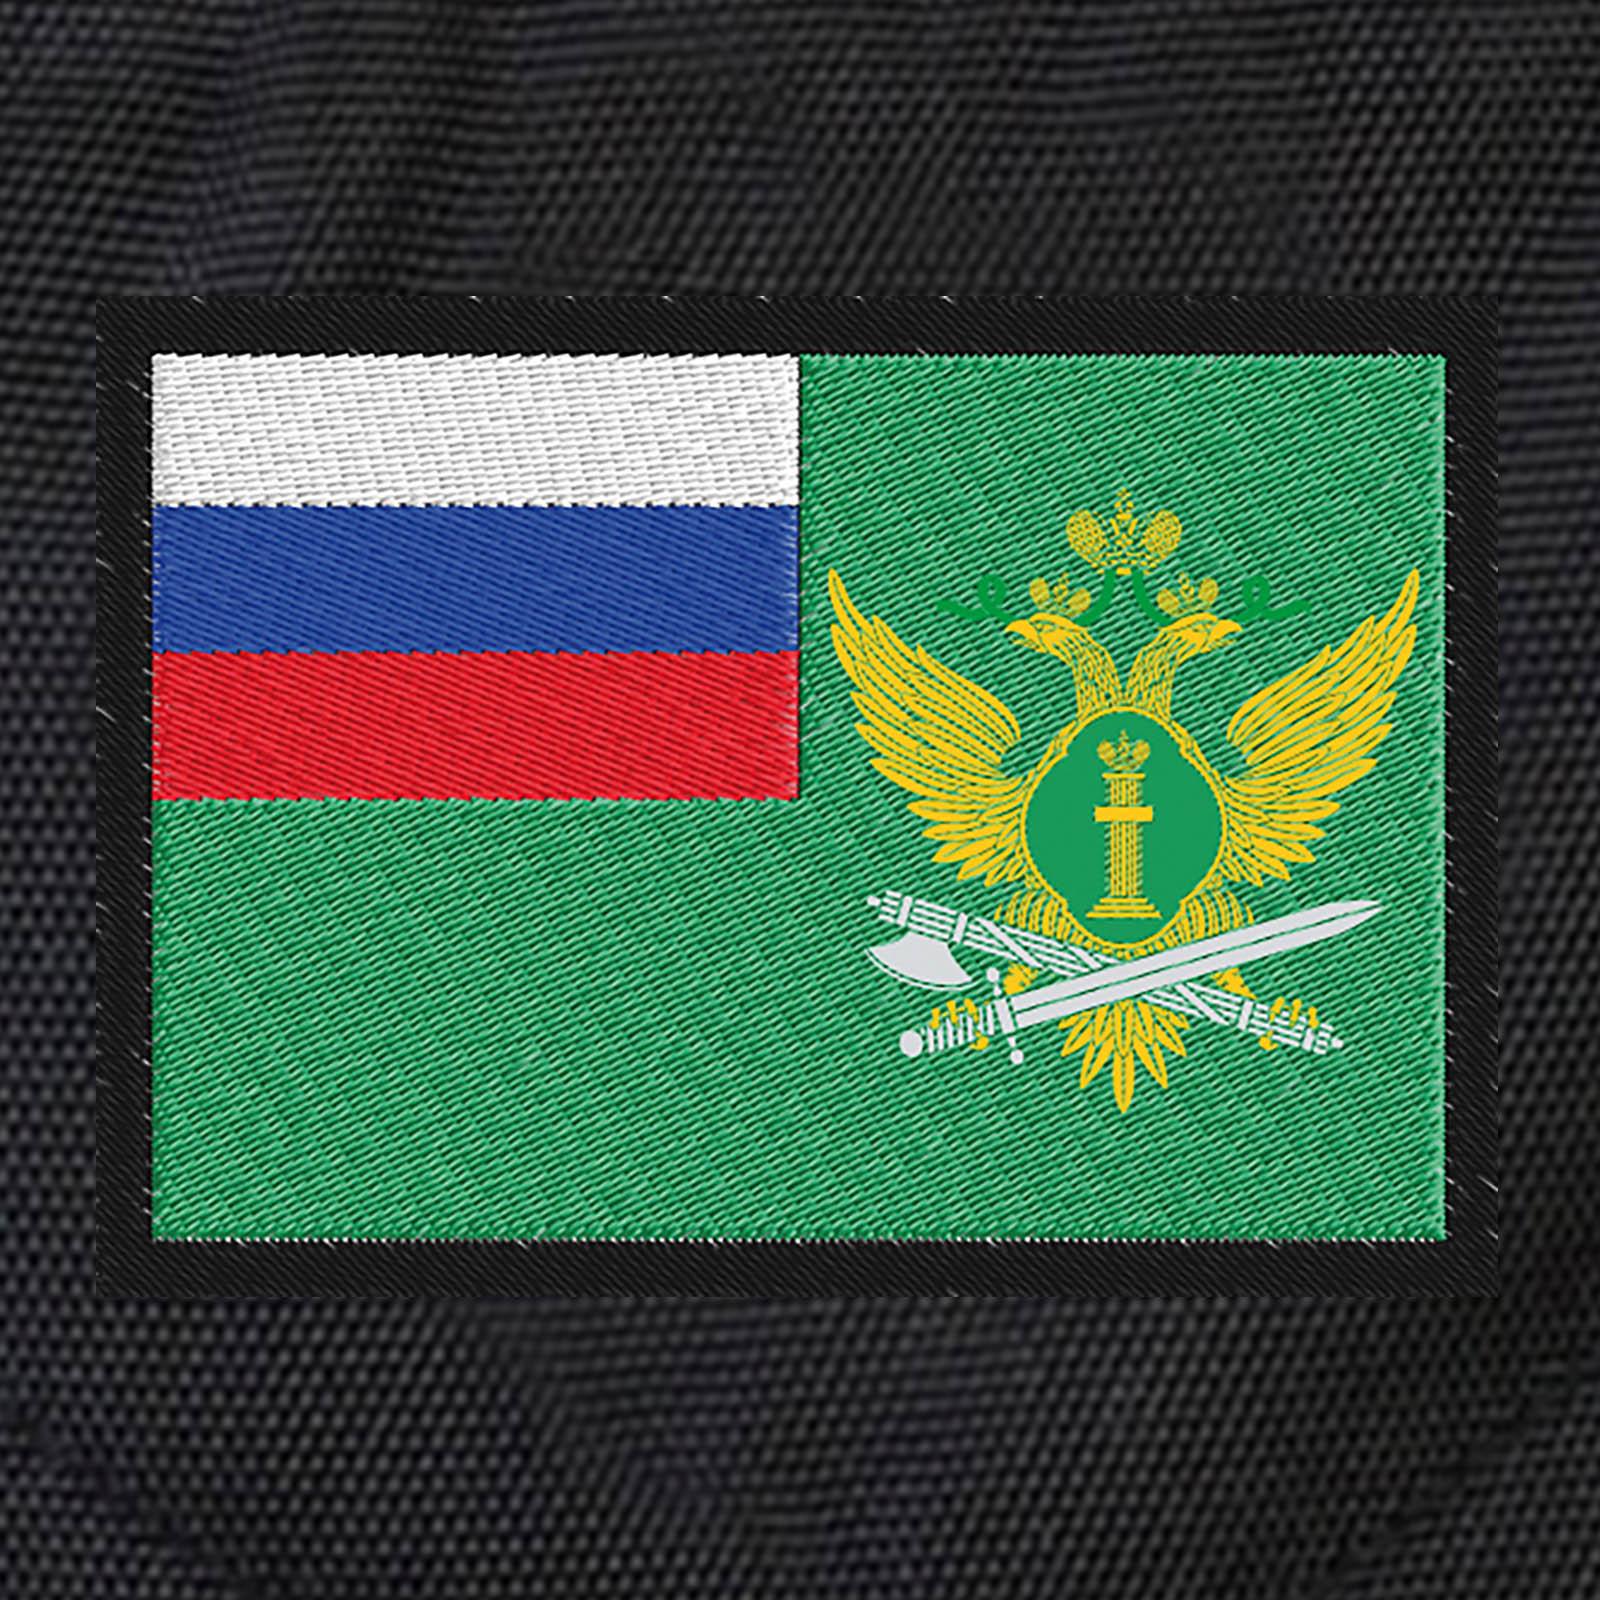 Надежный рюкзак с символикой ФССП купить оптом